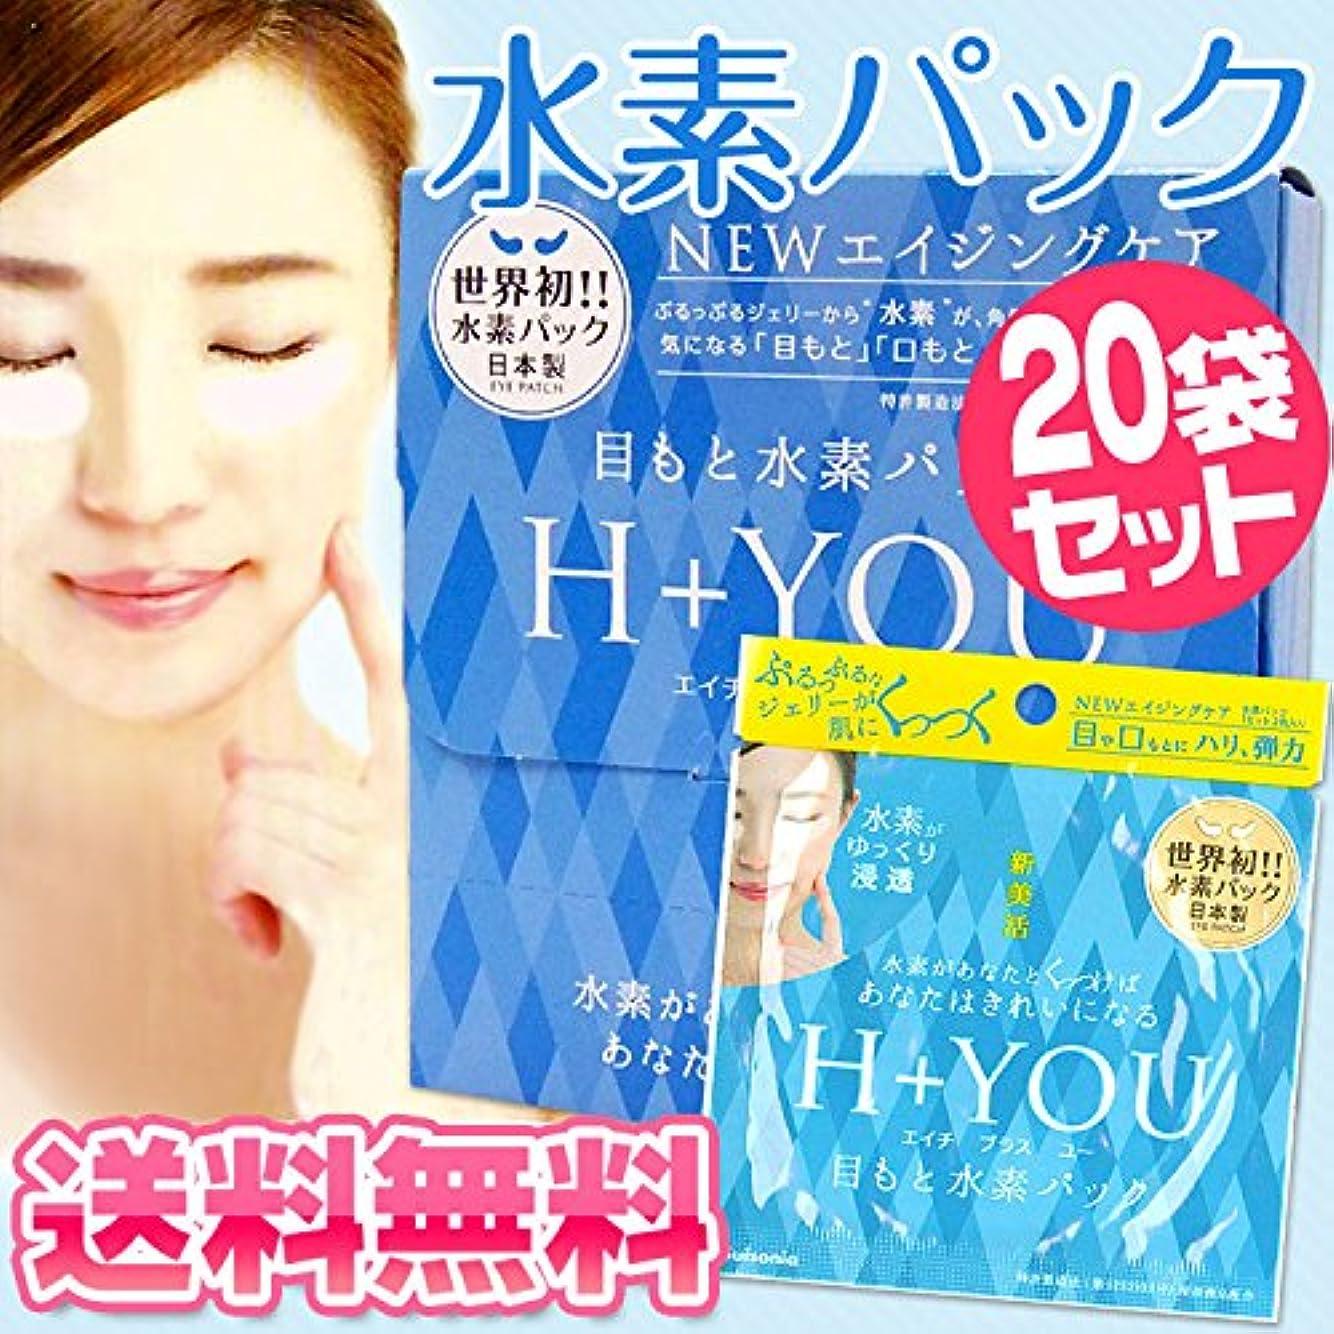 ご近所大工思慮深いH+YOU(エイチプラスユー) 目もと水素パック [2枚入]◆1箱(20袋セット) 目元?口元 小じわ専用パック マスク シートパック 保湿